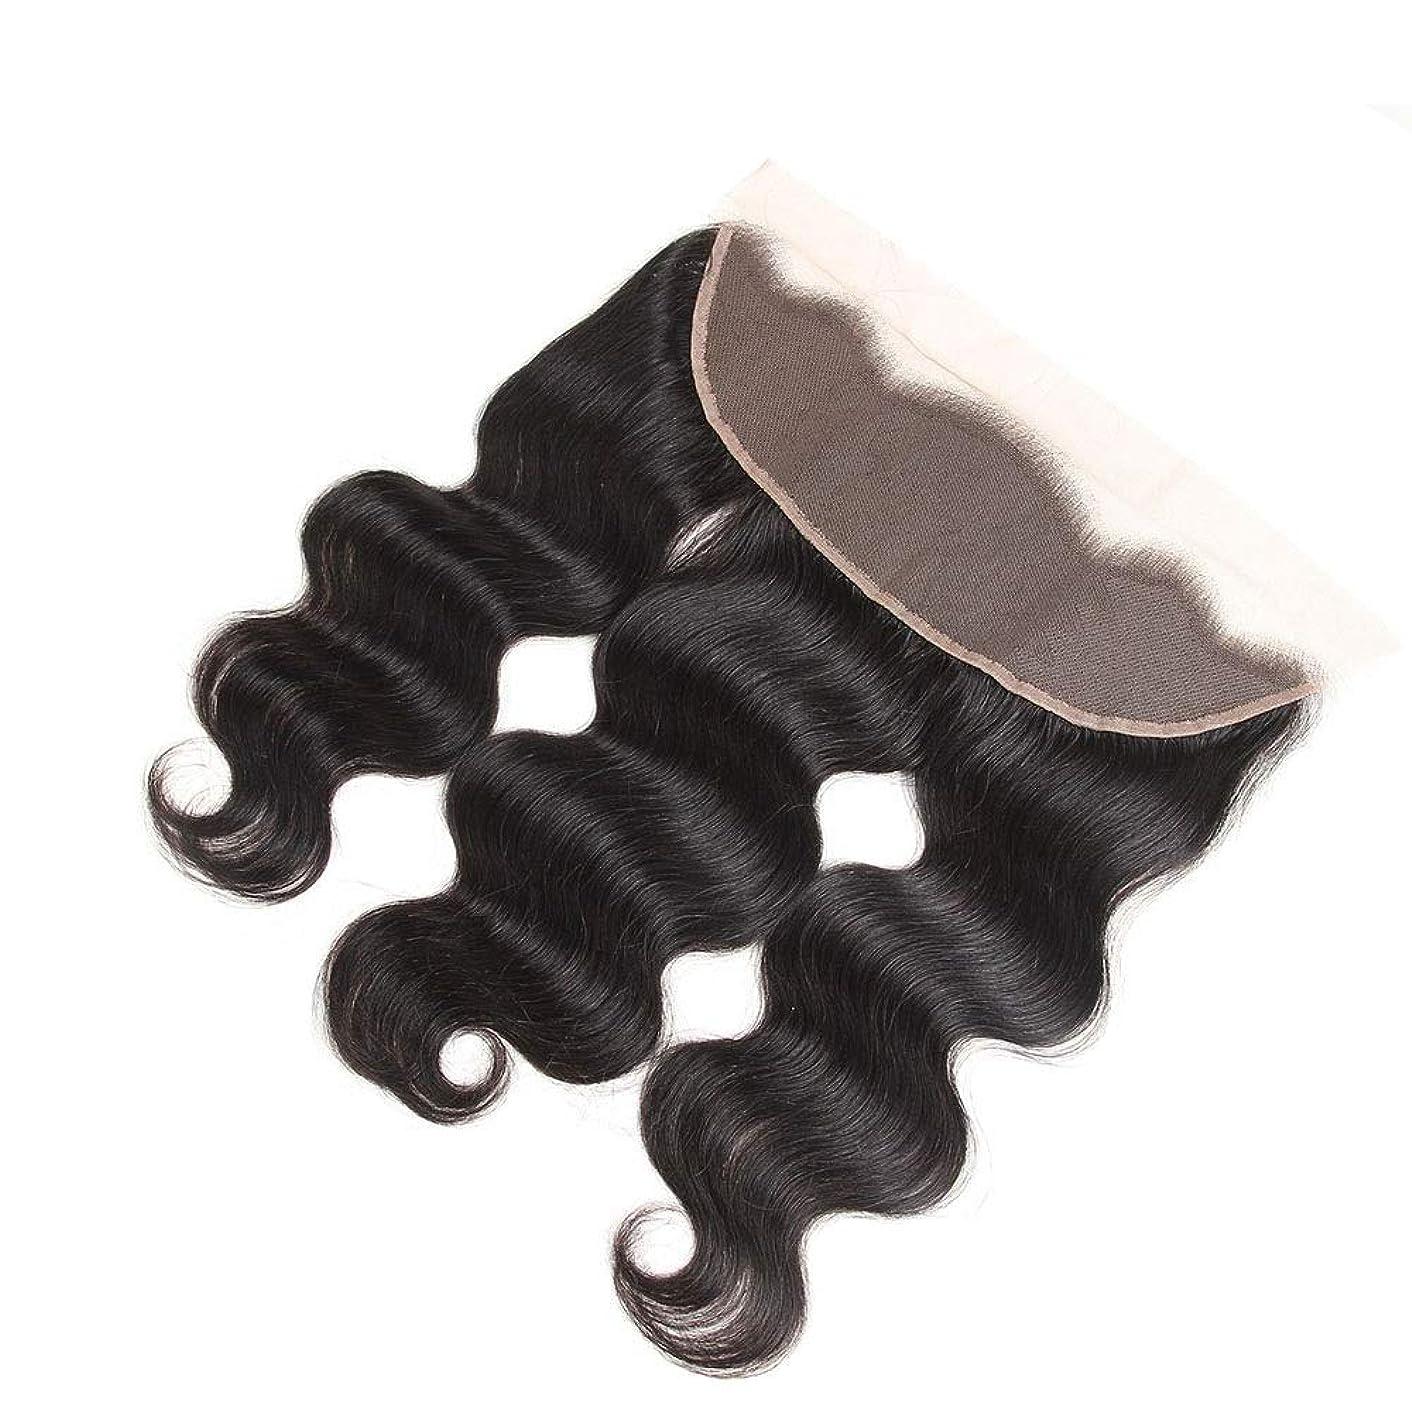 解釈的チャート火星Mayalina 13 * 4フリーパートレース前部閉鎖実体波ブラジル織り方オンブル人毛バンドルナチュラルブラックヘアエクステンション女性複合かつらレースかつらロールプレイングかつら (色 : 黒, サイズ : 20 inch)